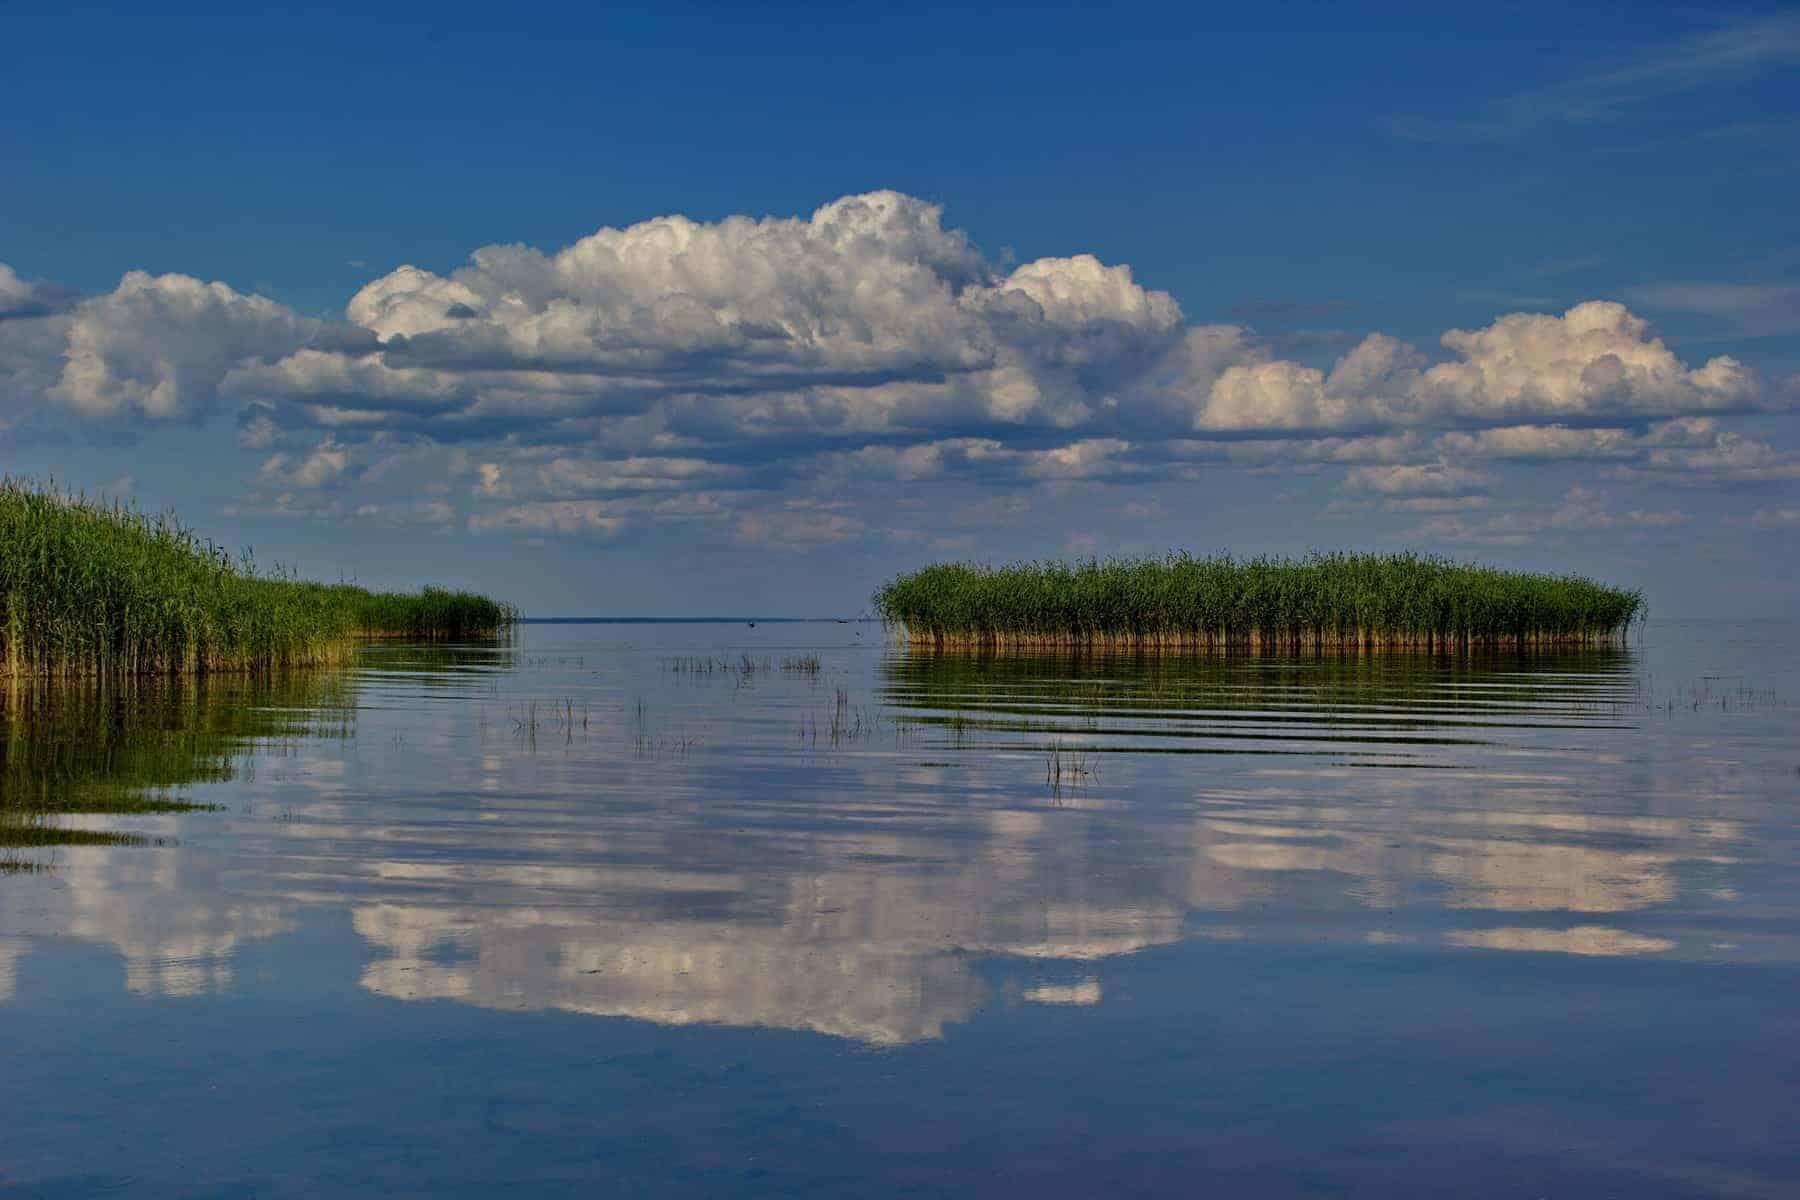 Estonien, Peipsi søen, utrolig smuk og stor sø